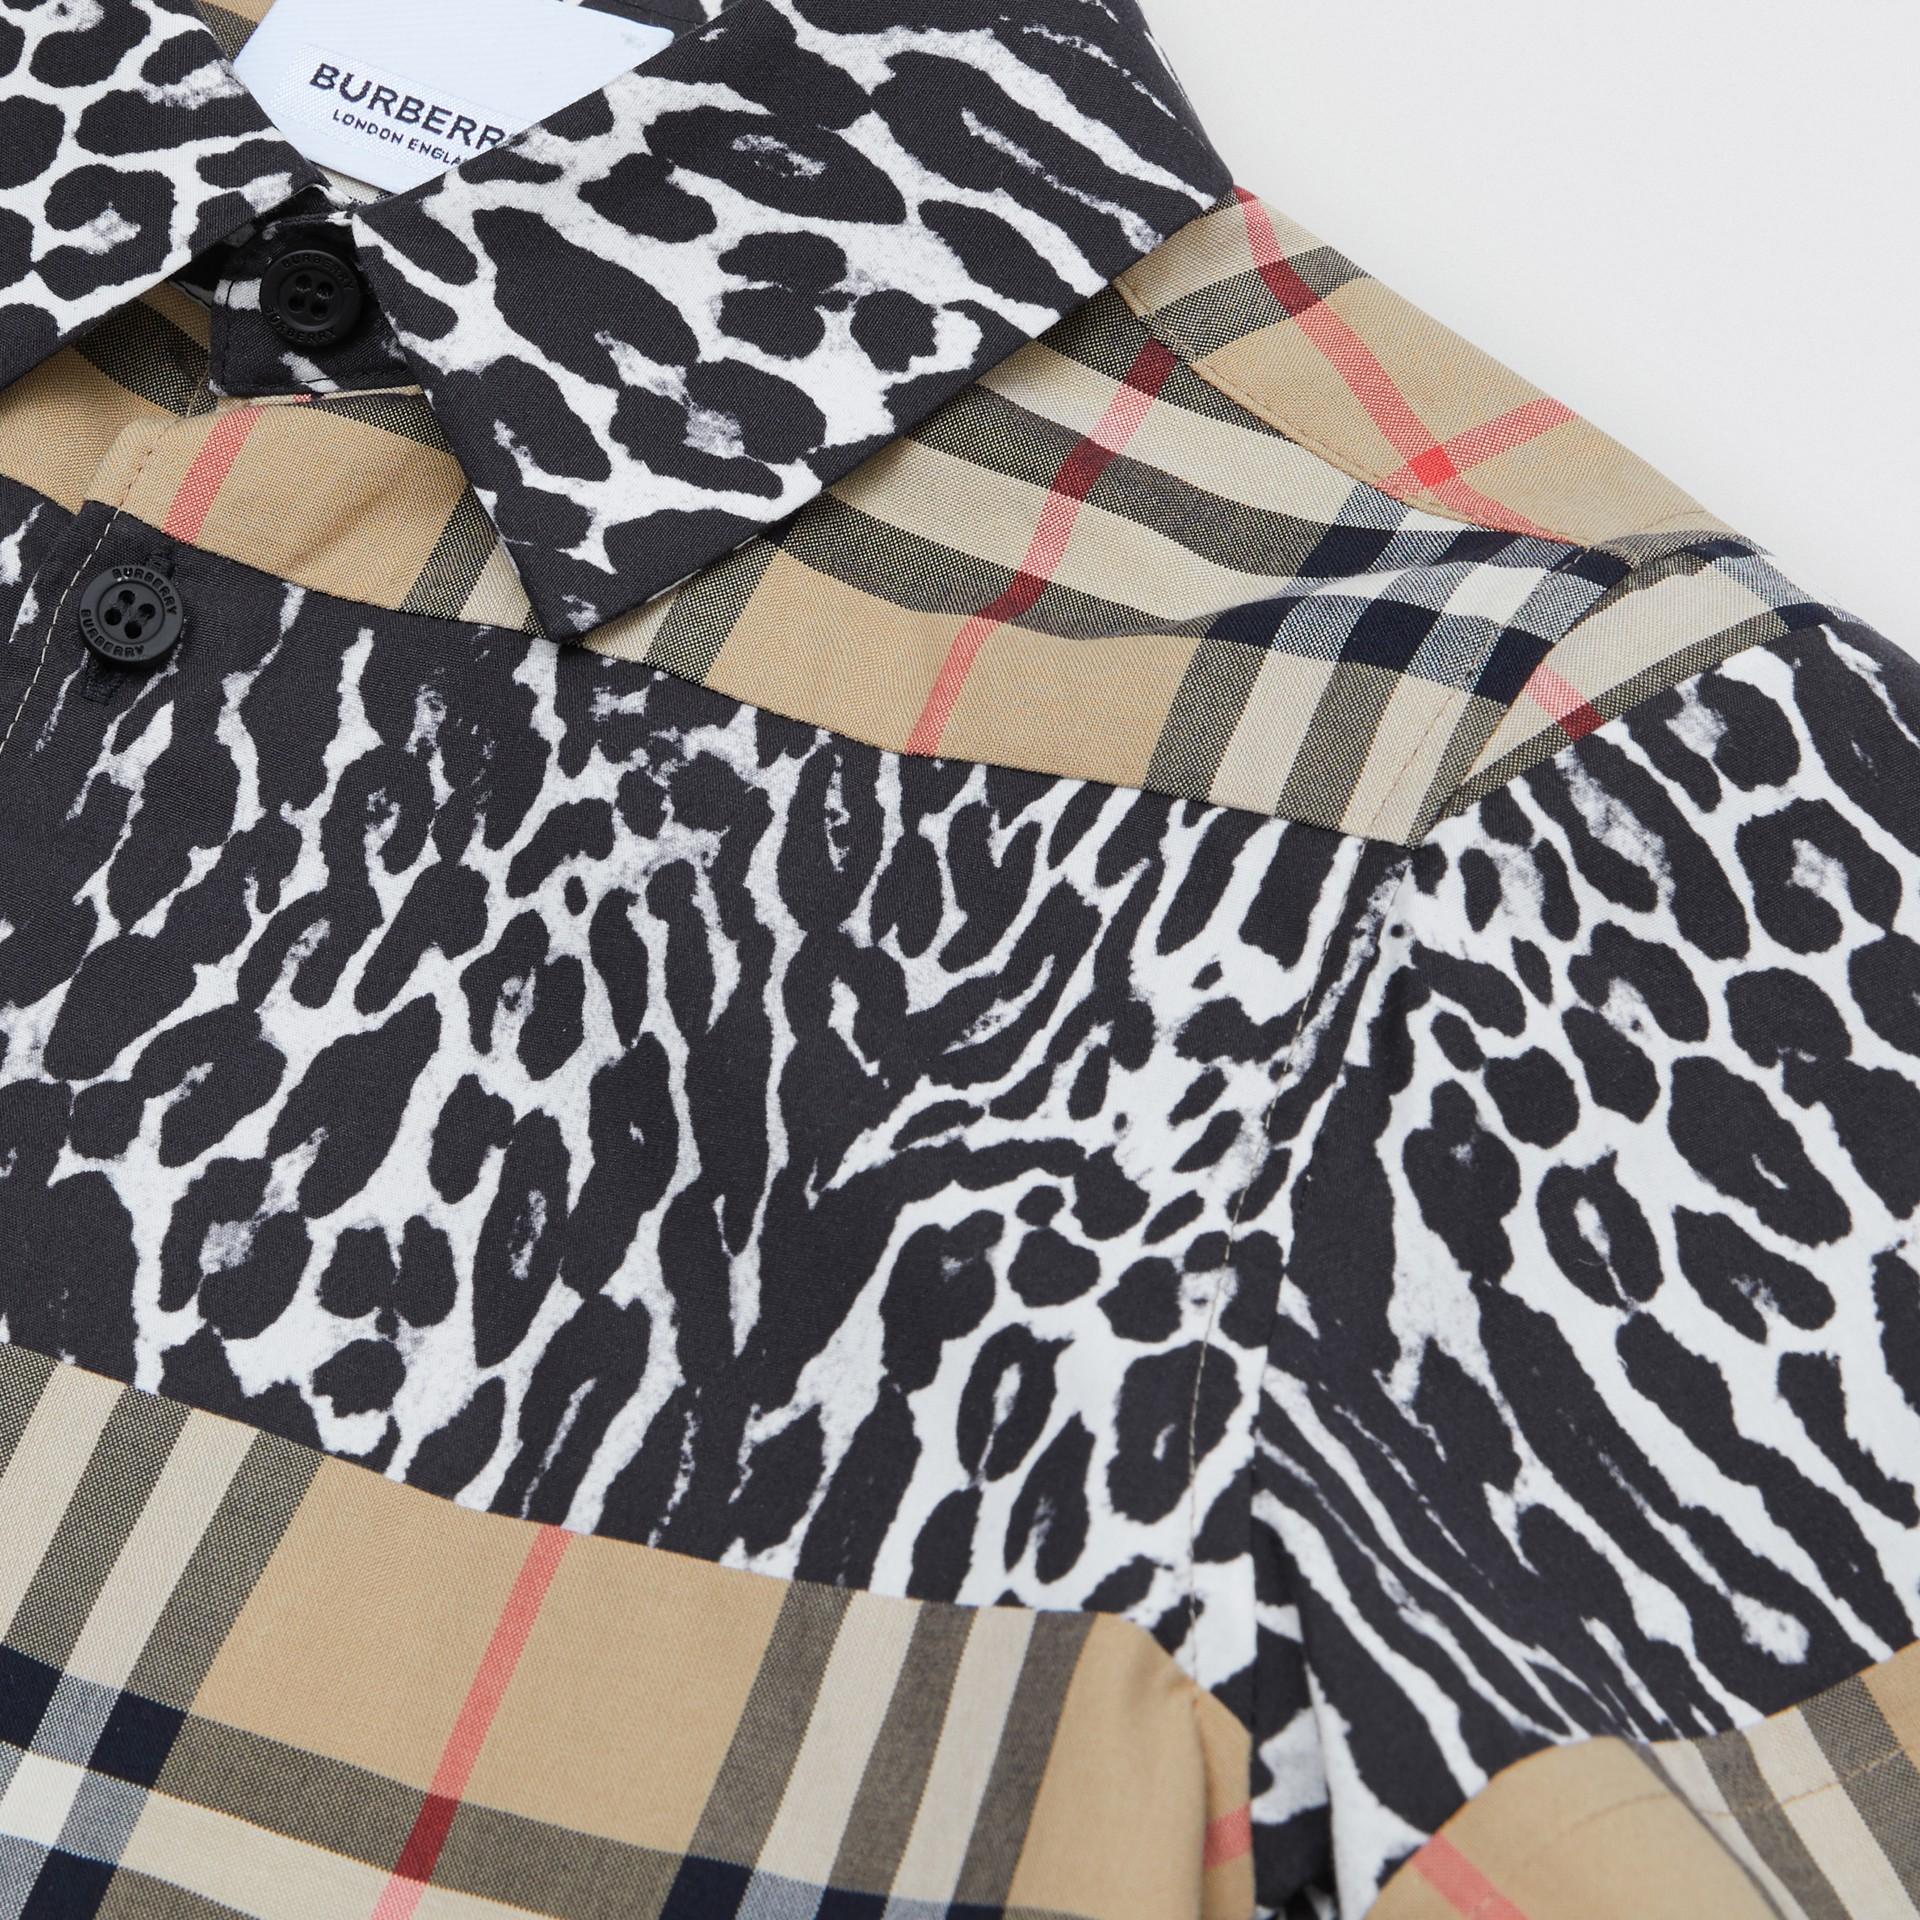 Camicia a maniche corte con motivo Vintage check e stampa leopardata (Beige Archivio) | Burberry - immagine della galleria 1